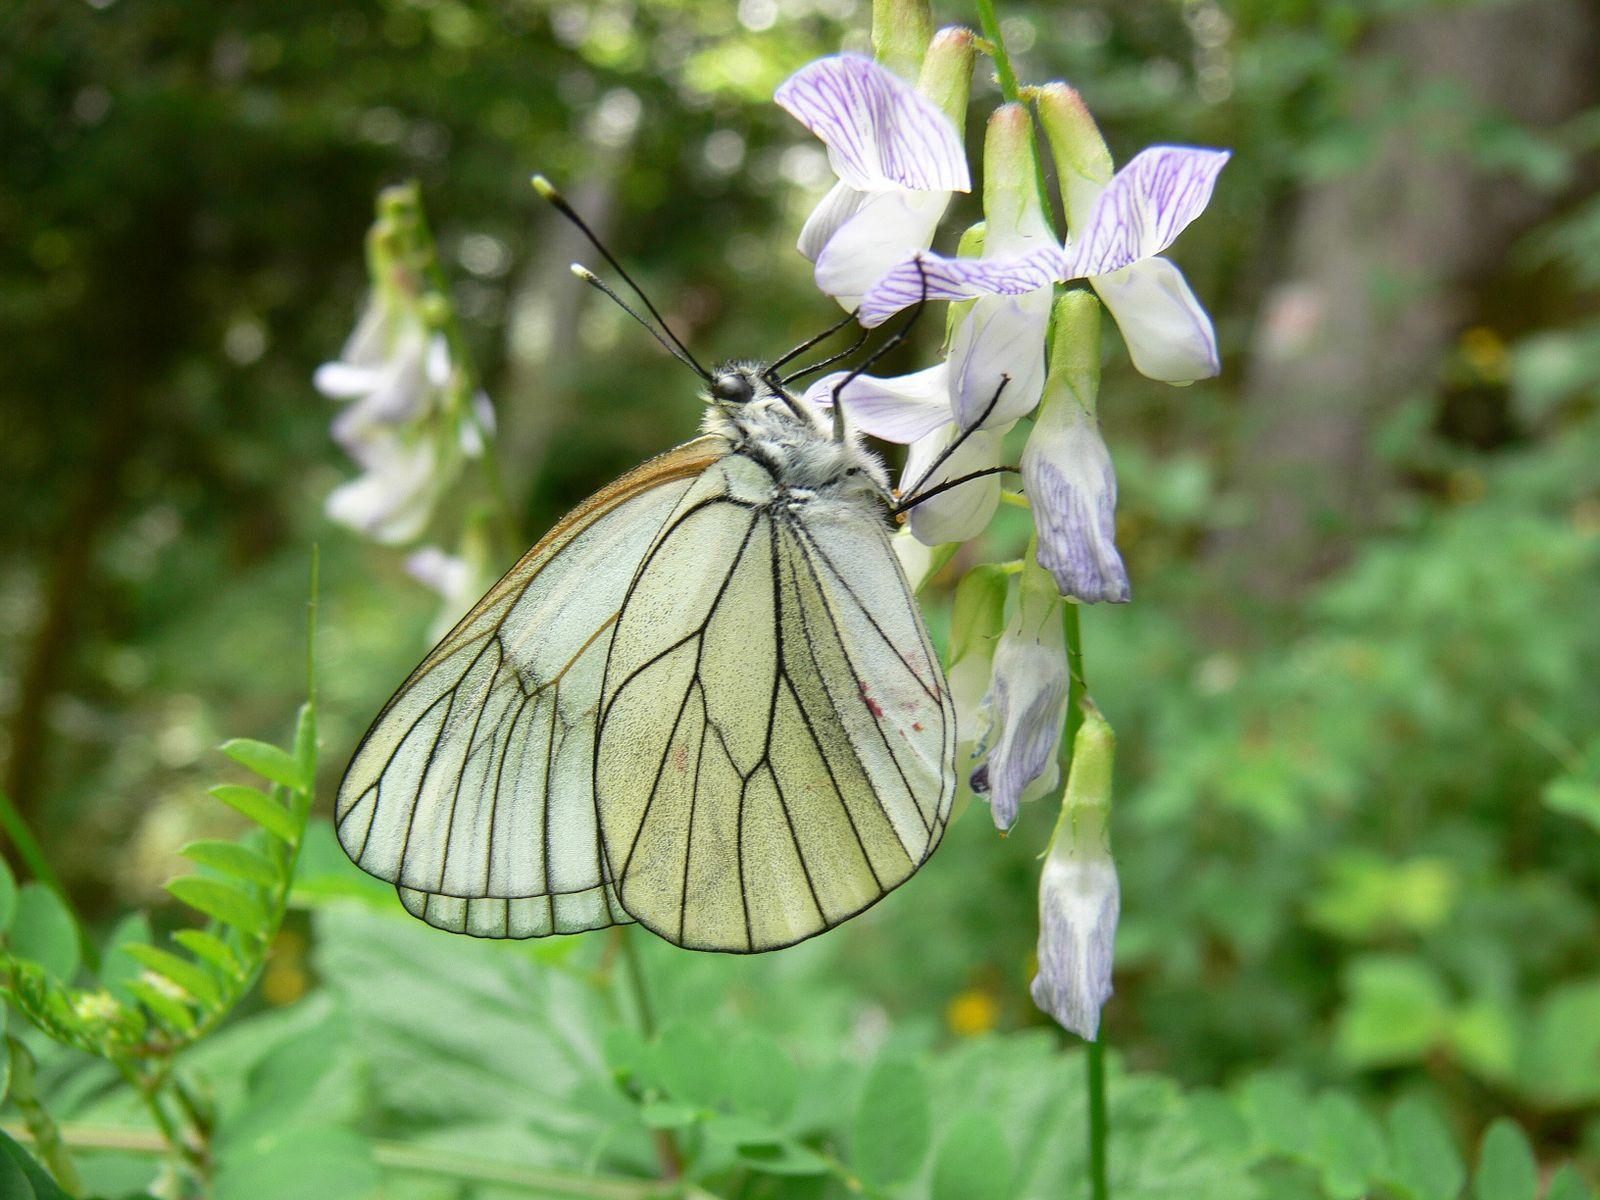 Spirée filipendule, Filipendula hexopetala : Cévennes -Vesce des bois, Vicia sylvatica : Seythenex (74)